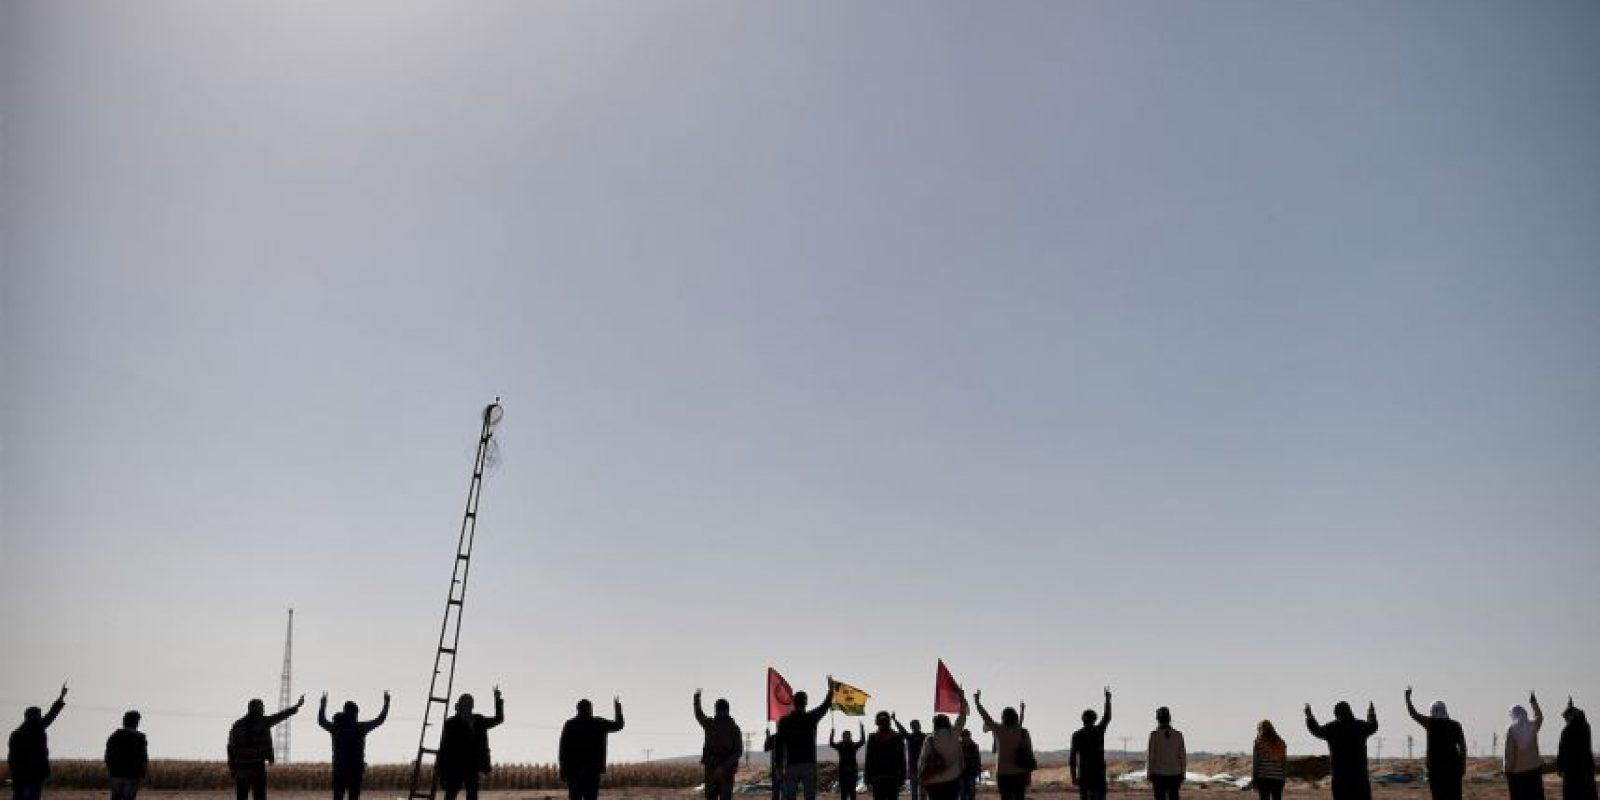 El grupo Ansar Bait al Maqdis siembra el terror en la Península del Sinaí, reseñó el diario El País. Foto:AFP